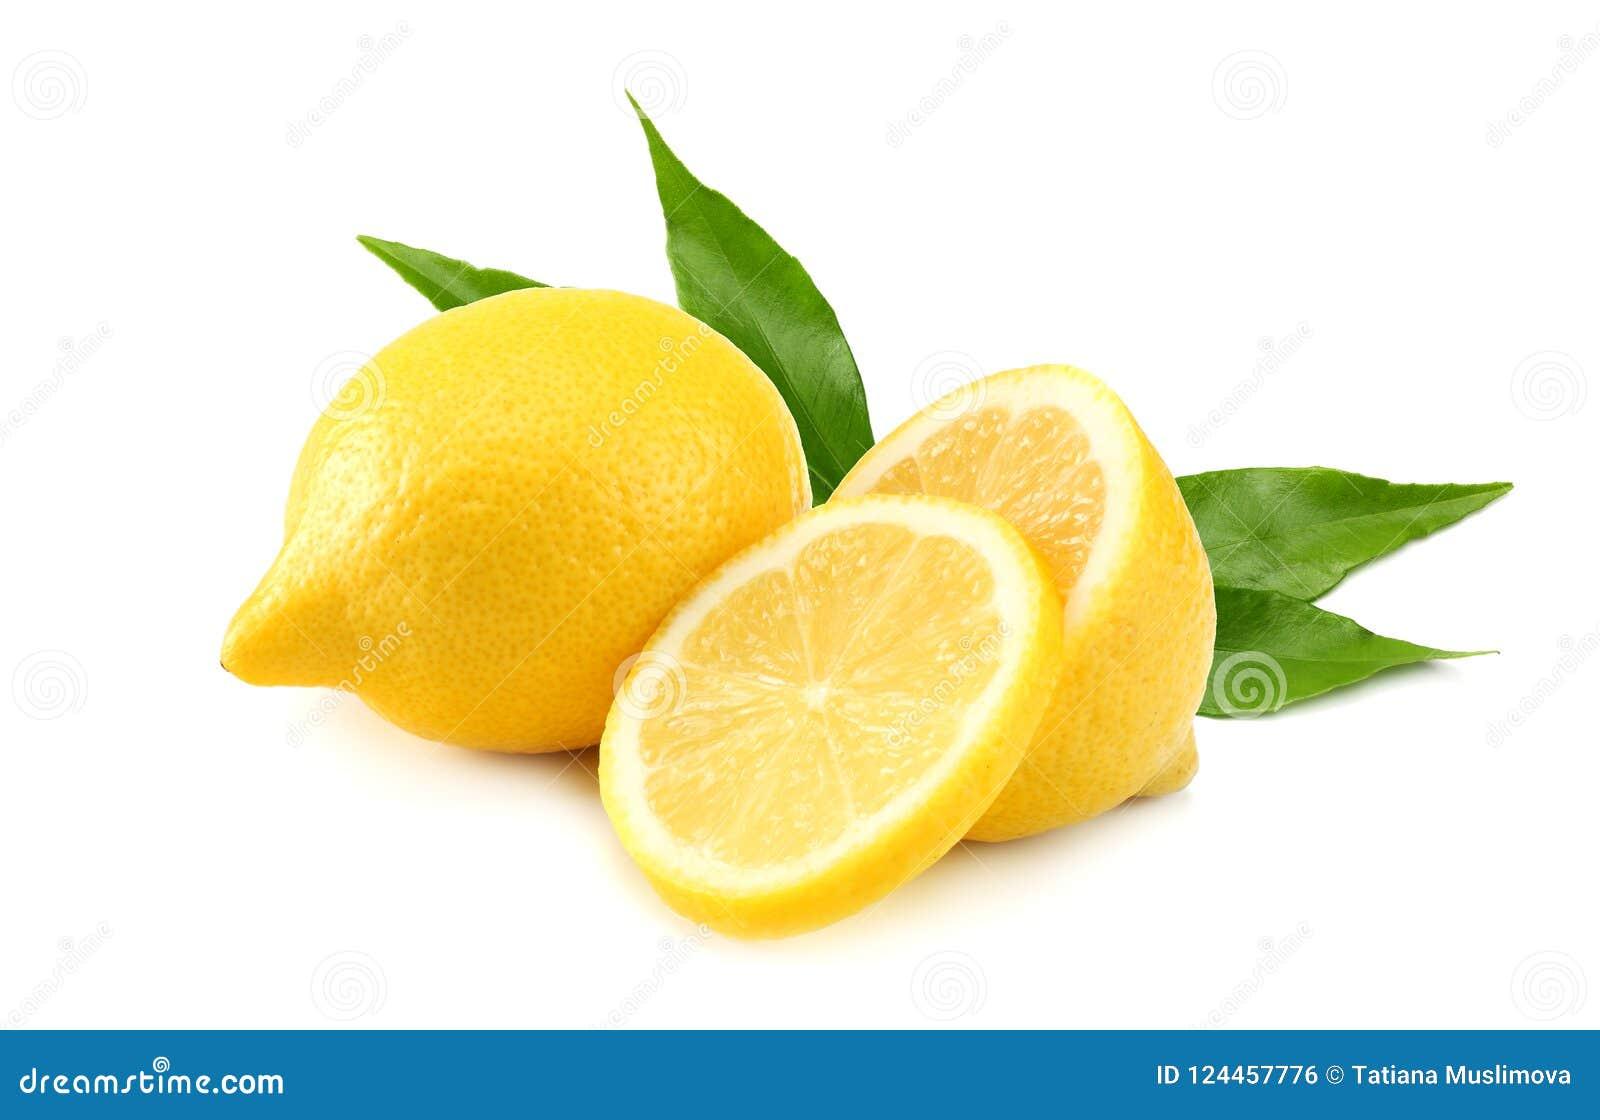 Gesunde Nahrung Zitrone mit den Scheiben und grünem Blatt lokalisiert auf weißem Hintergrund